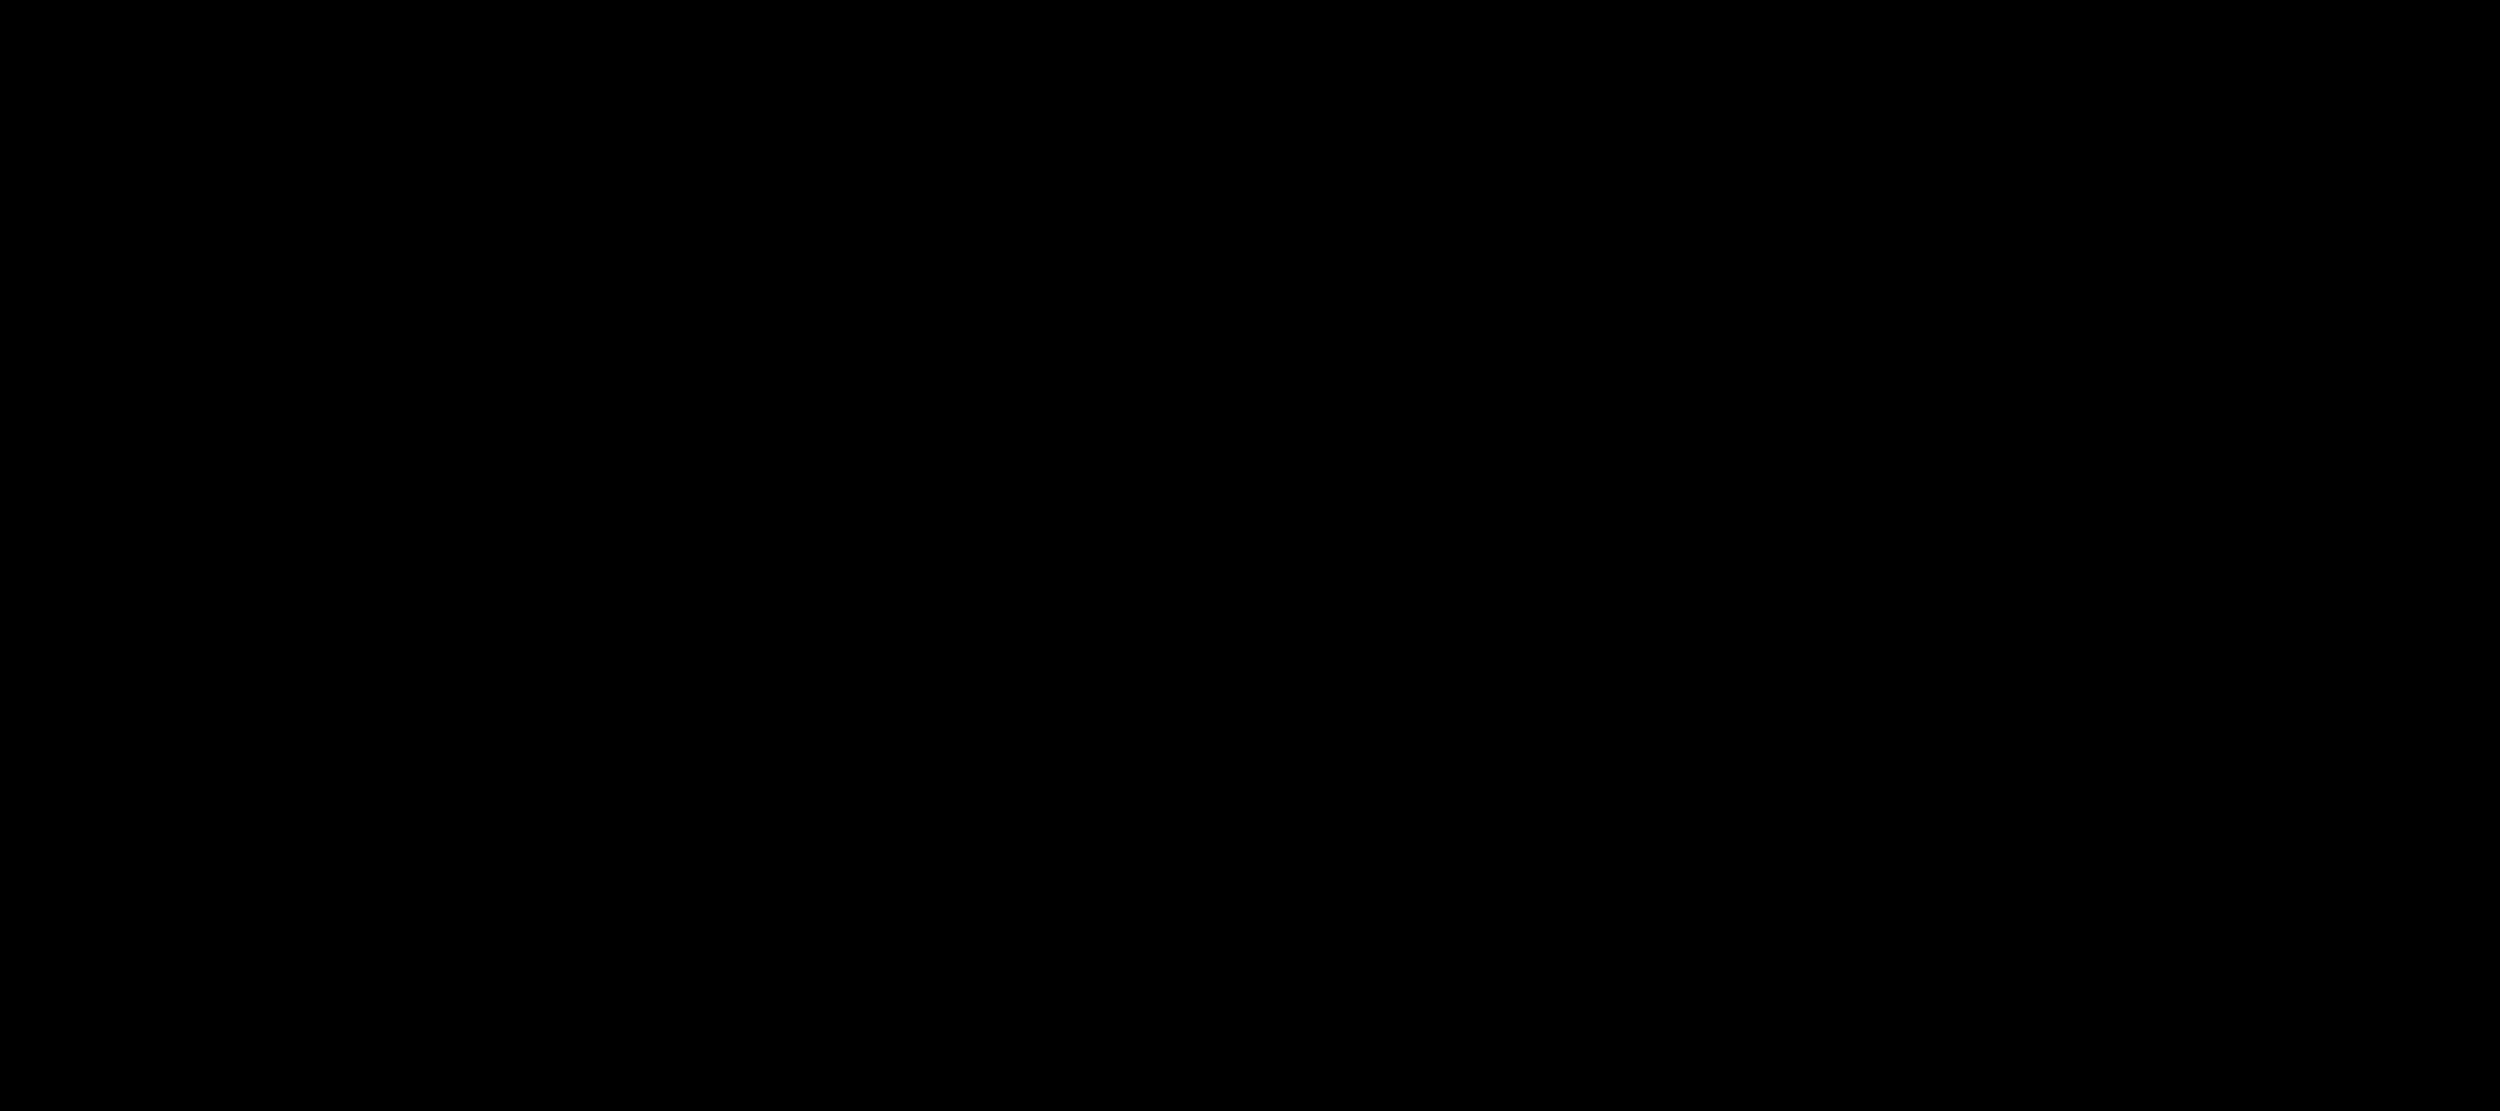 pursuit-logo-black.png